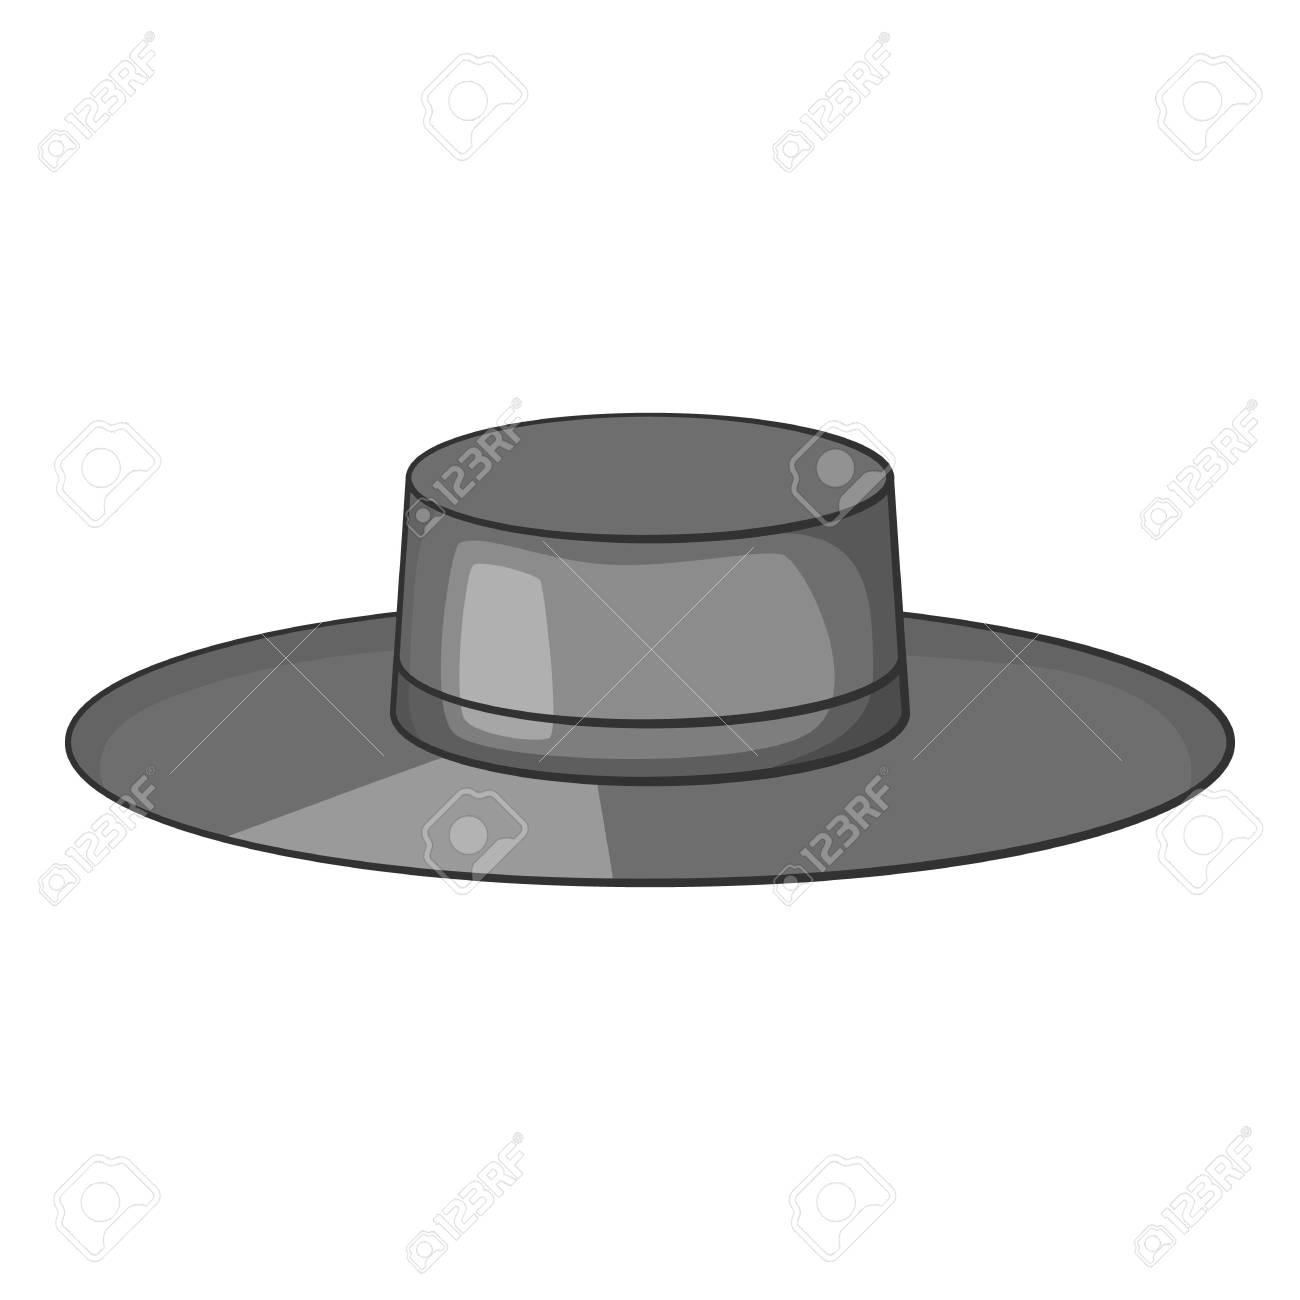 f0d707d052ac6 Foto de archivo - Icono de sombrero. Ilustración monocromática gris del  icono de vector de sombrero para web